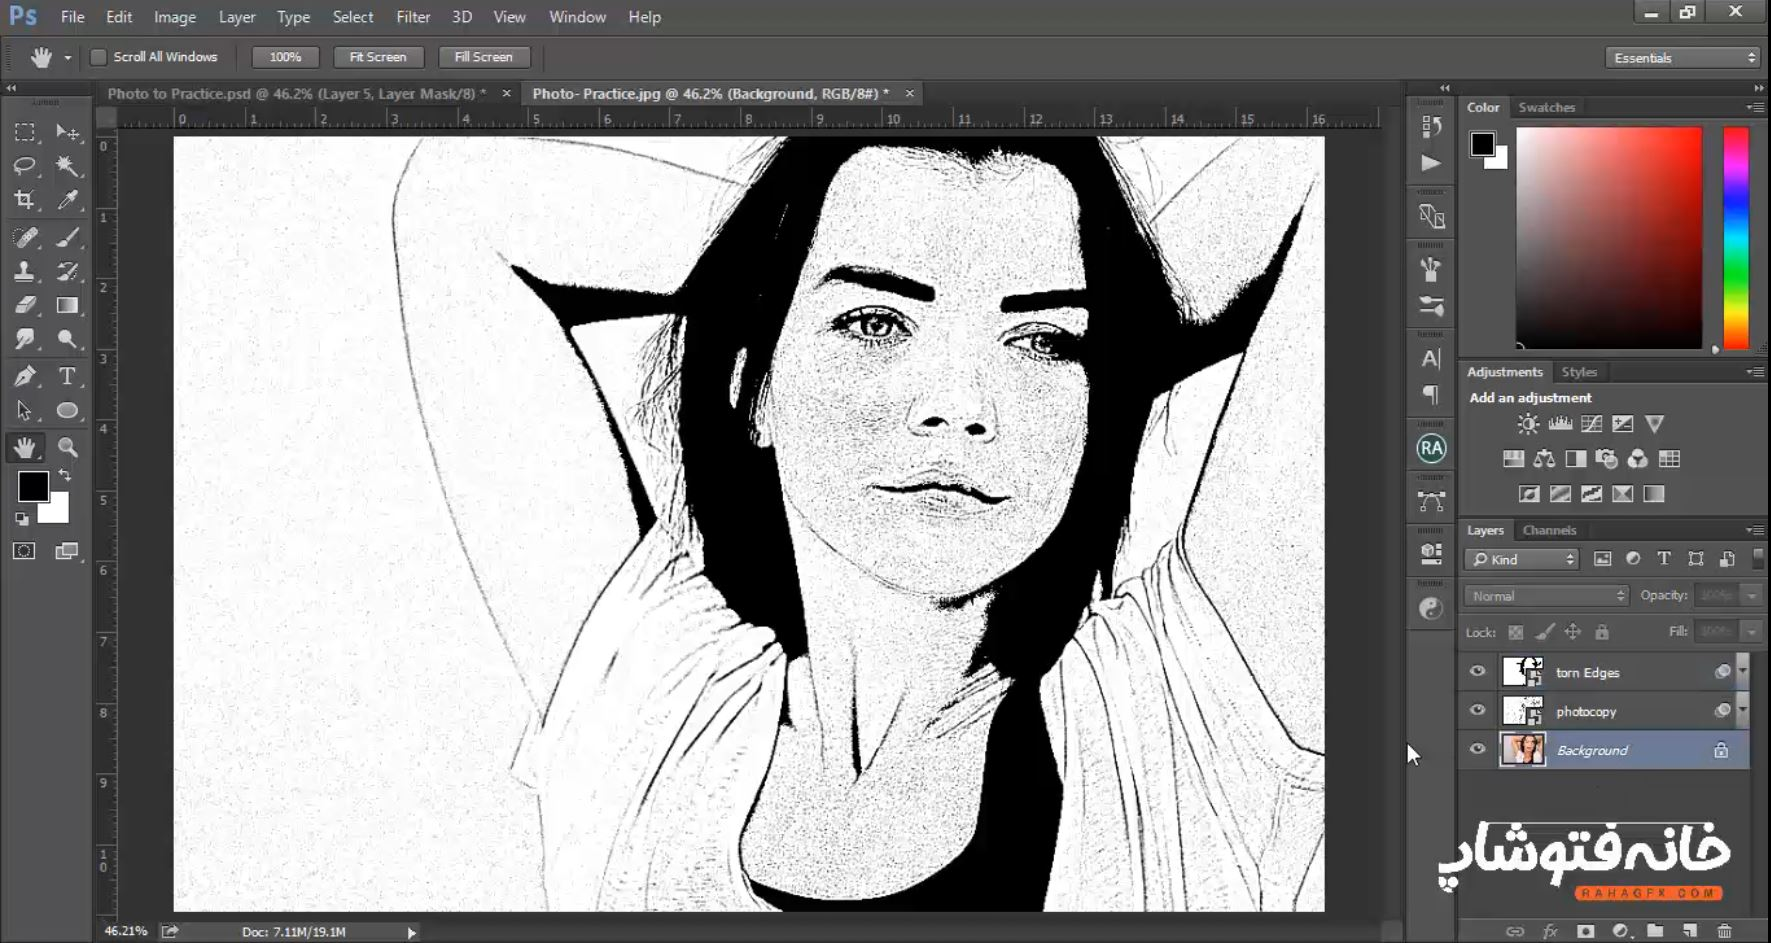 تبدیل عکس به کارتون بدون ابزار